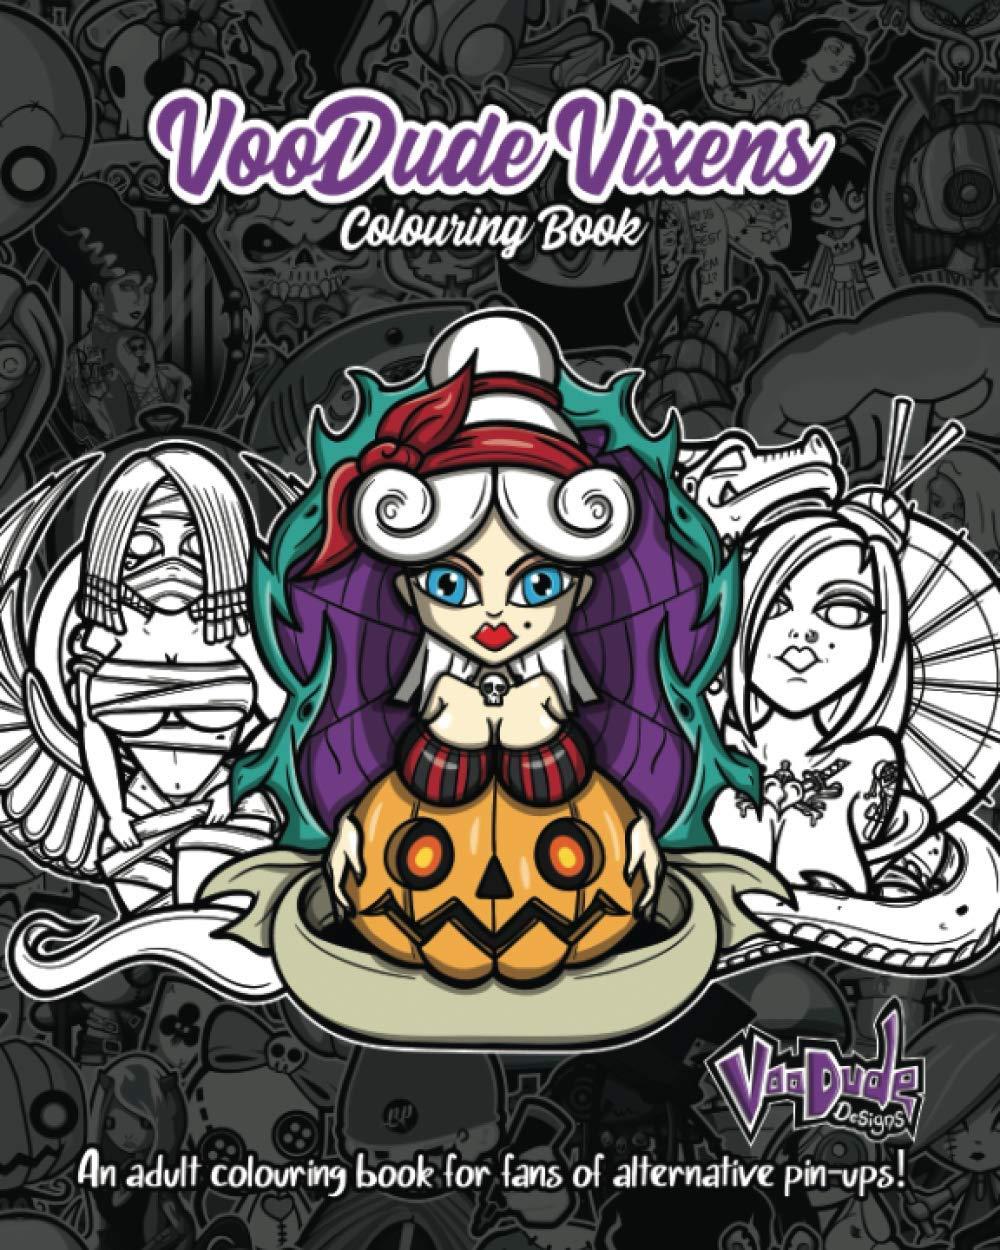 VooDude Vixens Pin Up Colouring Book VooDude Designs, Grant ...